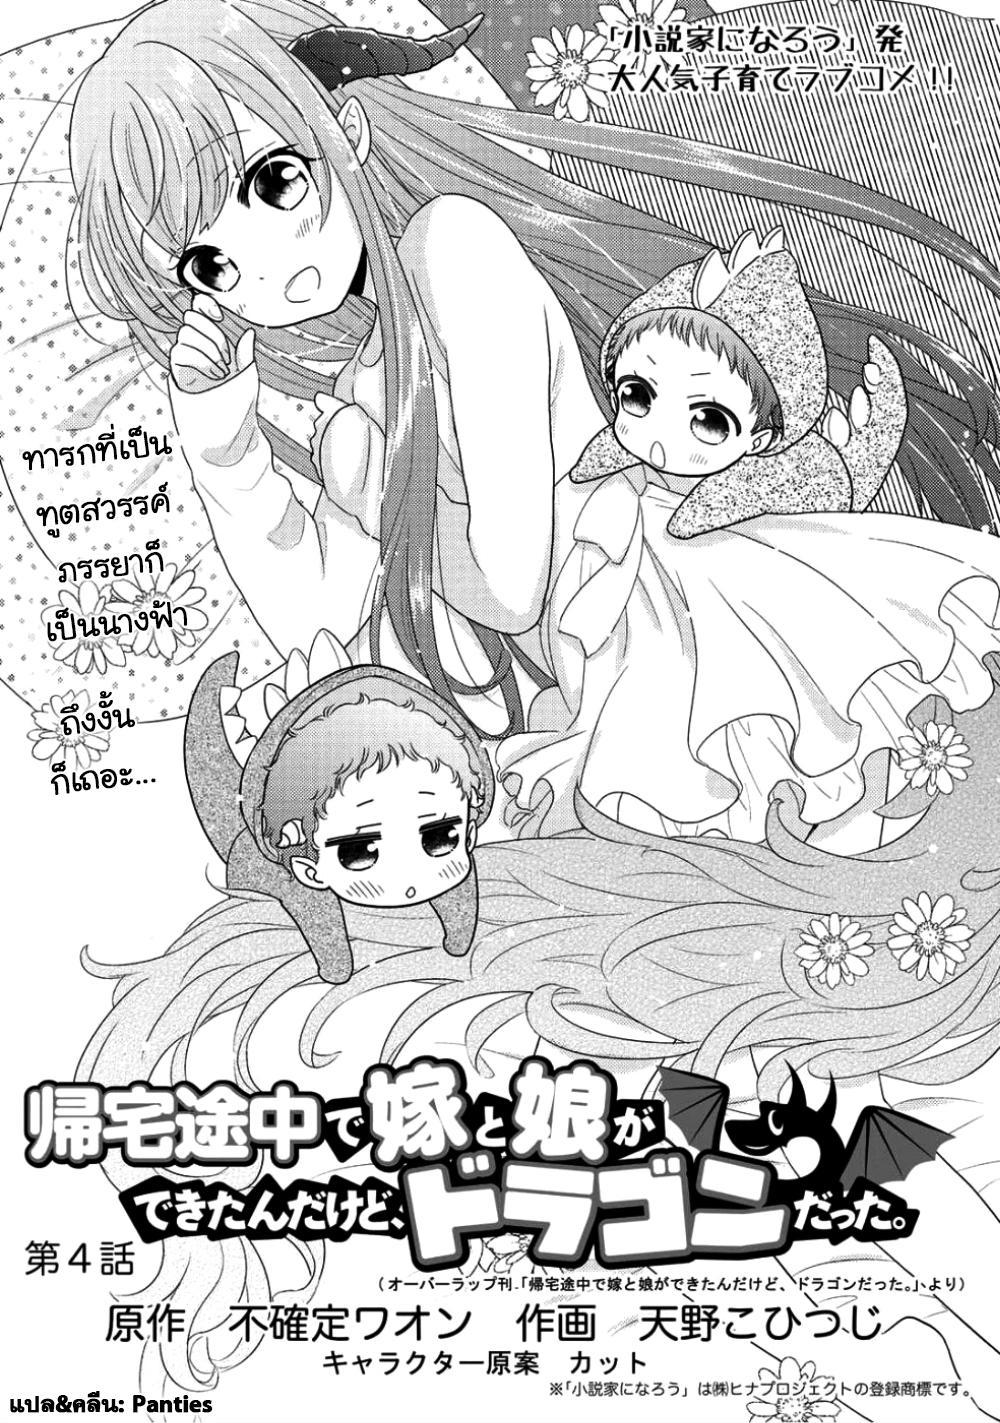 Kitaku Tochuu de Yome to Musume ga Dekita n dakedo, Dragon datta.-ตอนที่ 4